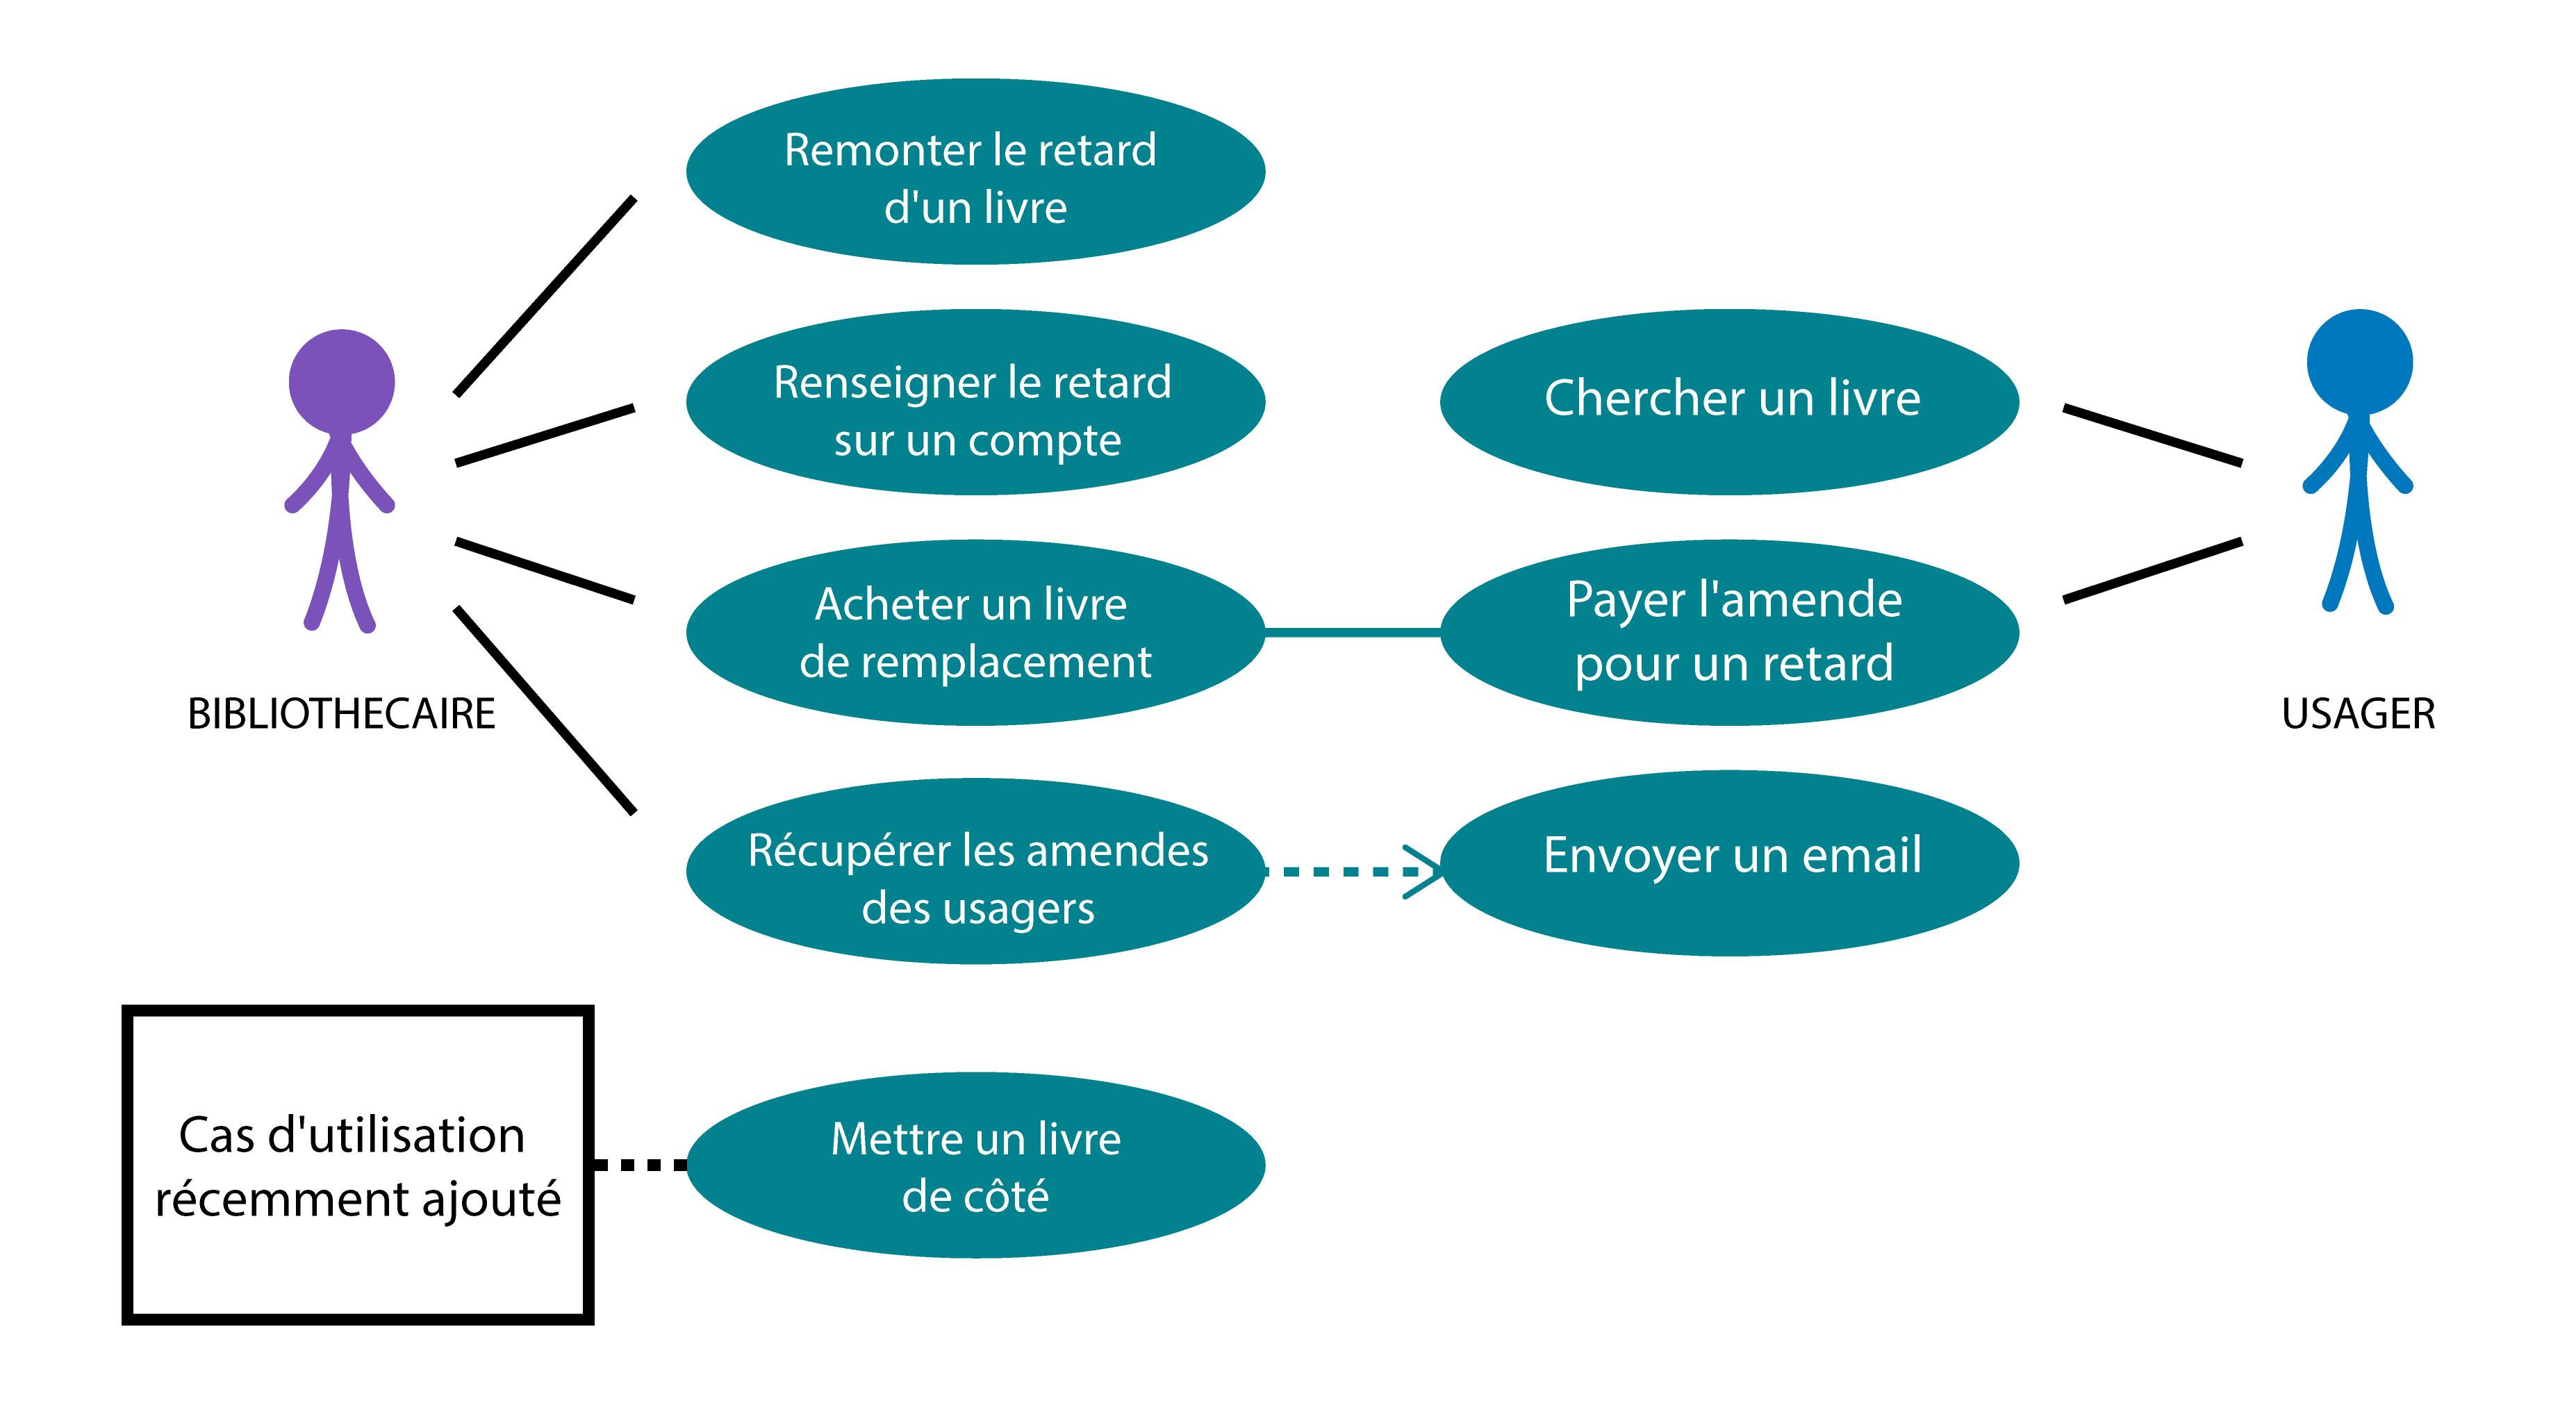 Image représentant le diagramme de cas d'utilisation mis à jour